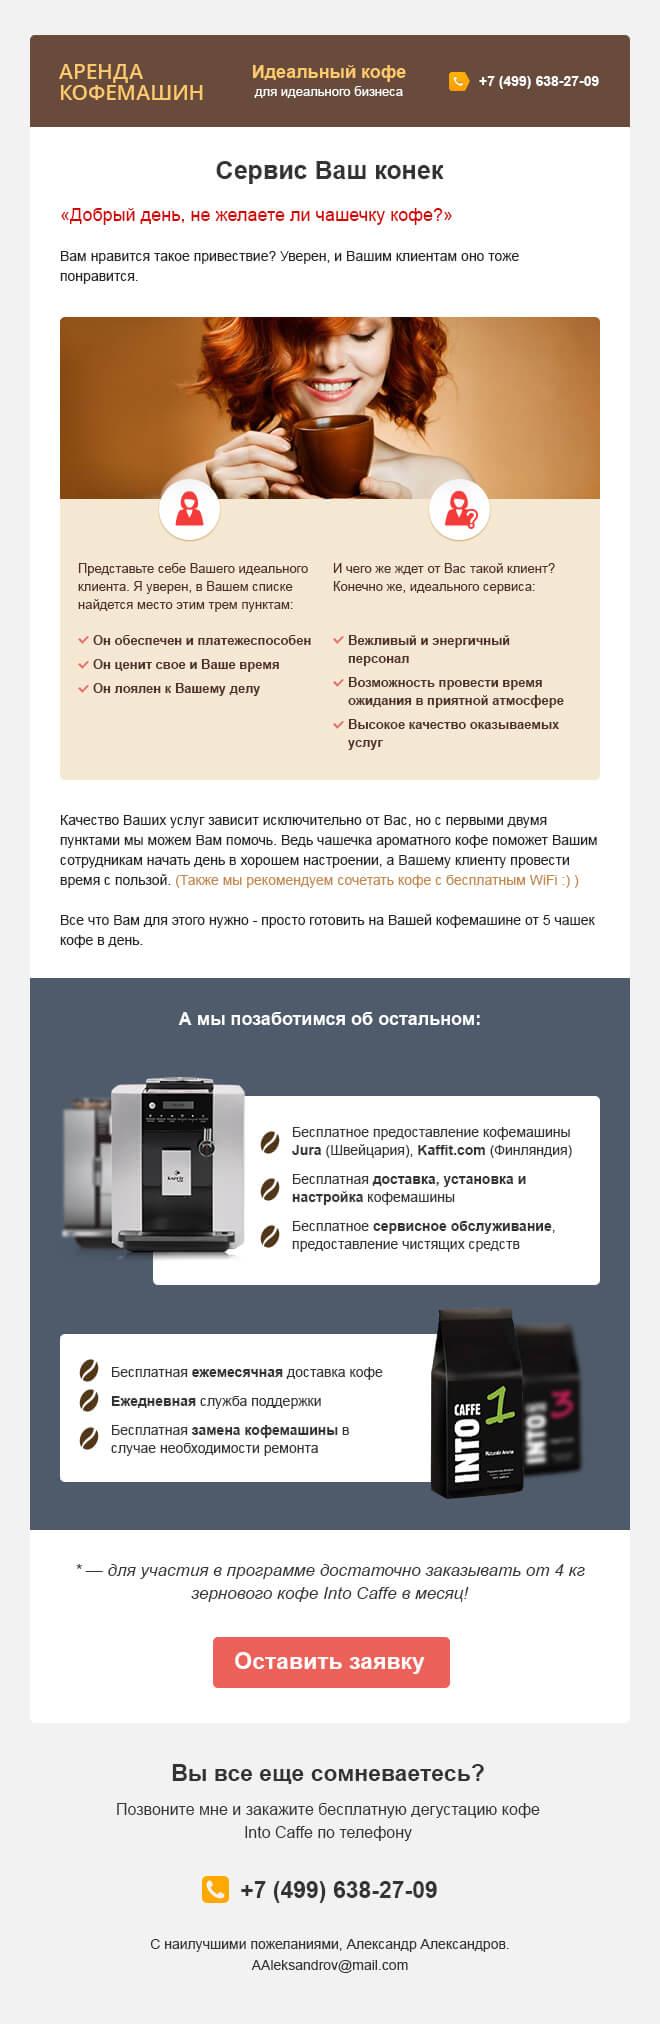 Аренда кофе. Предложения сотрудничества